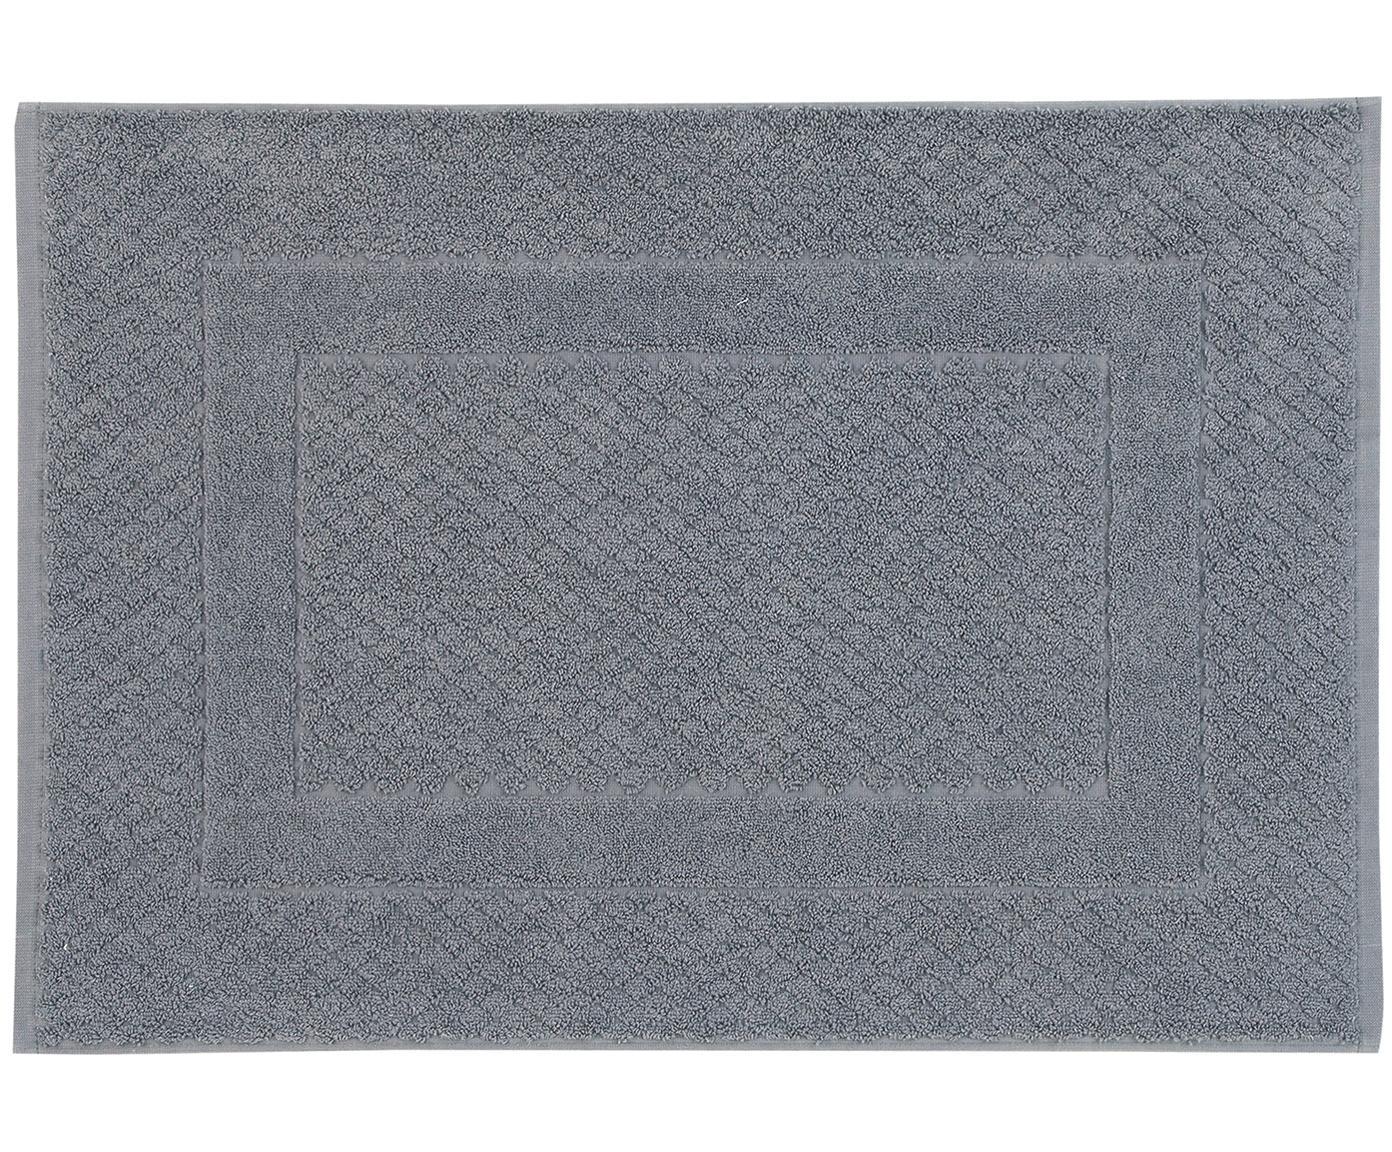 Badmat Katharina, 100% katoen, zware kwaliteit, 900 g/m², Donkergrijs, 50 x 70 cm